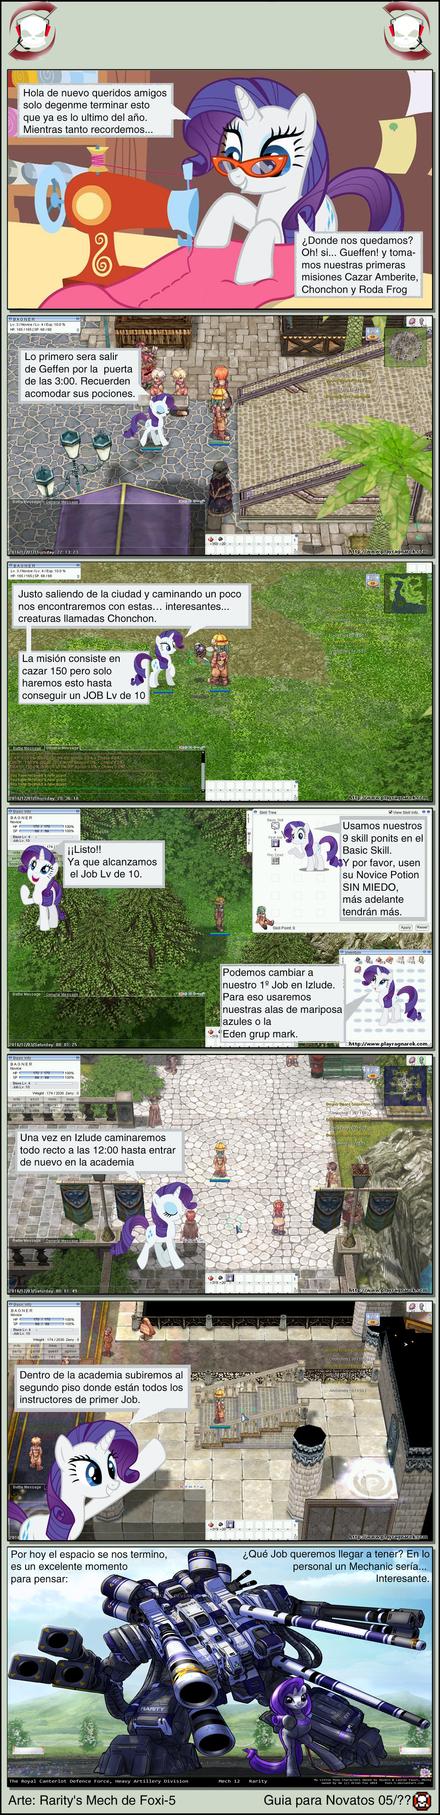 Guia para principiantes en Ragnarock 5 by GranJaguarRojo